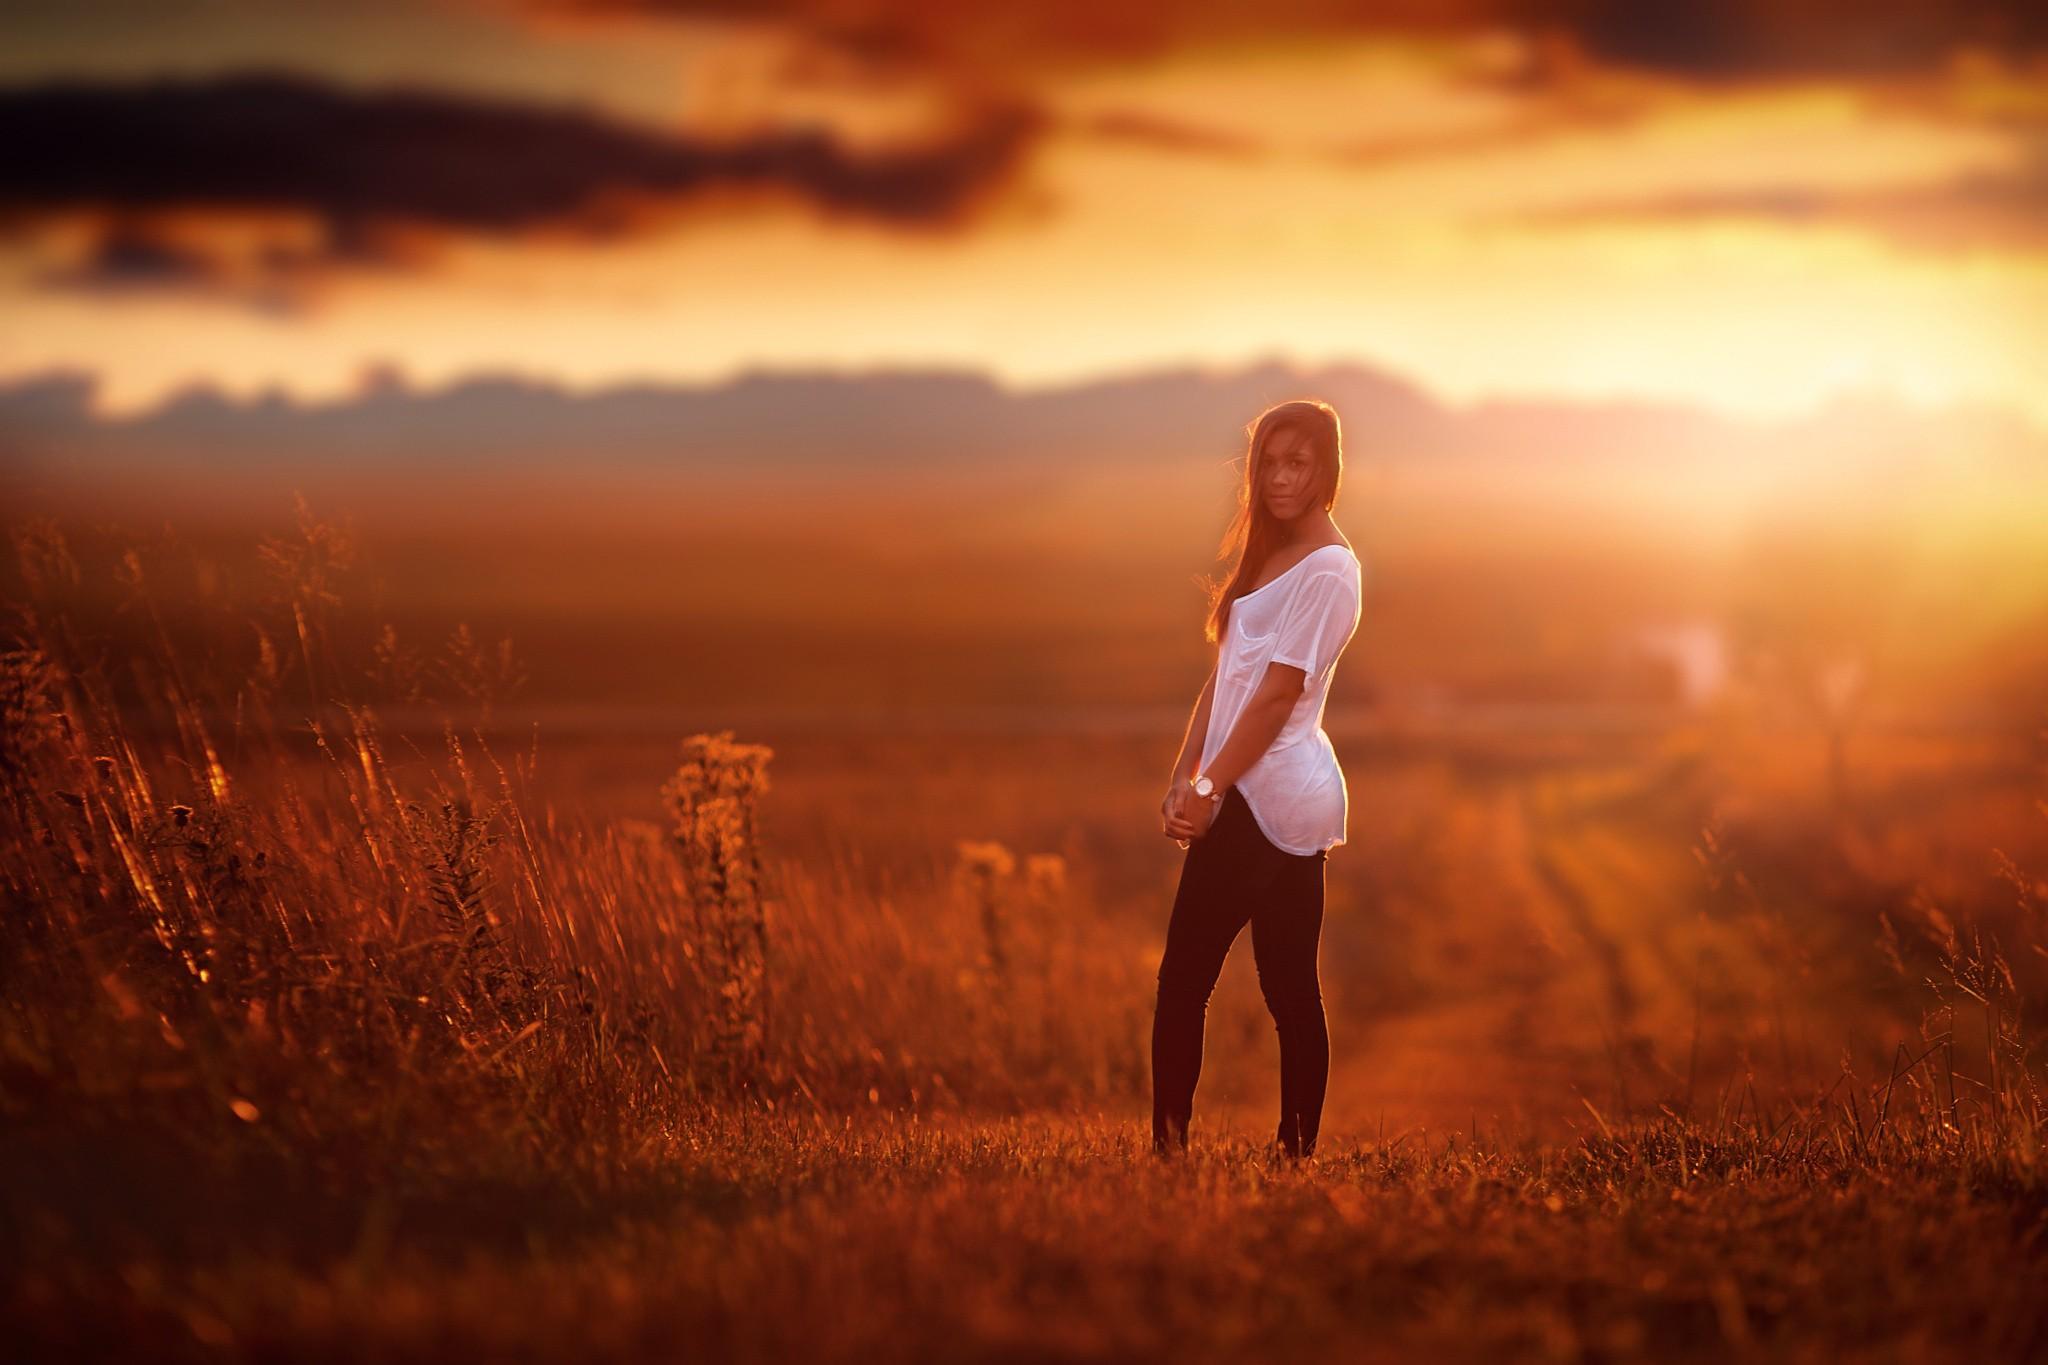 Фото красивых девушек в лучах солнца, Девушка в лучах солнца Girl in the sun Похожие фото 15 фотография